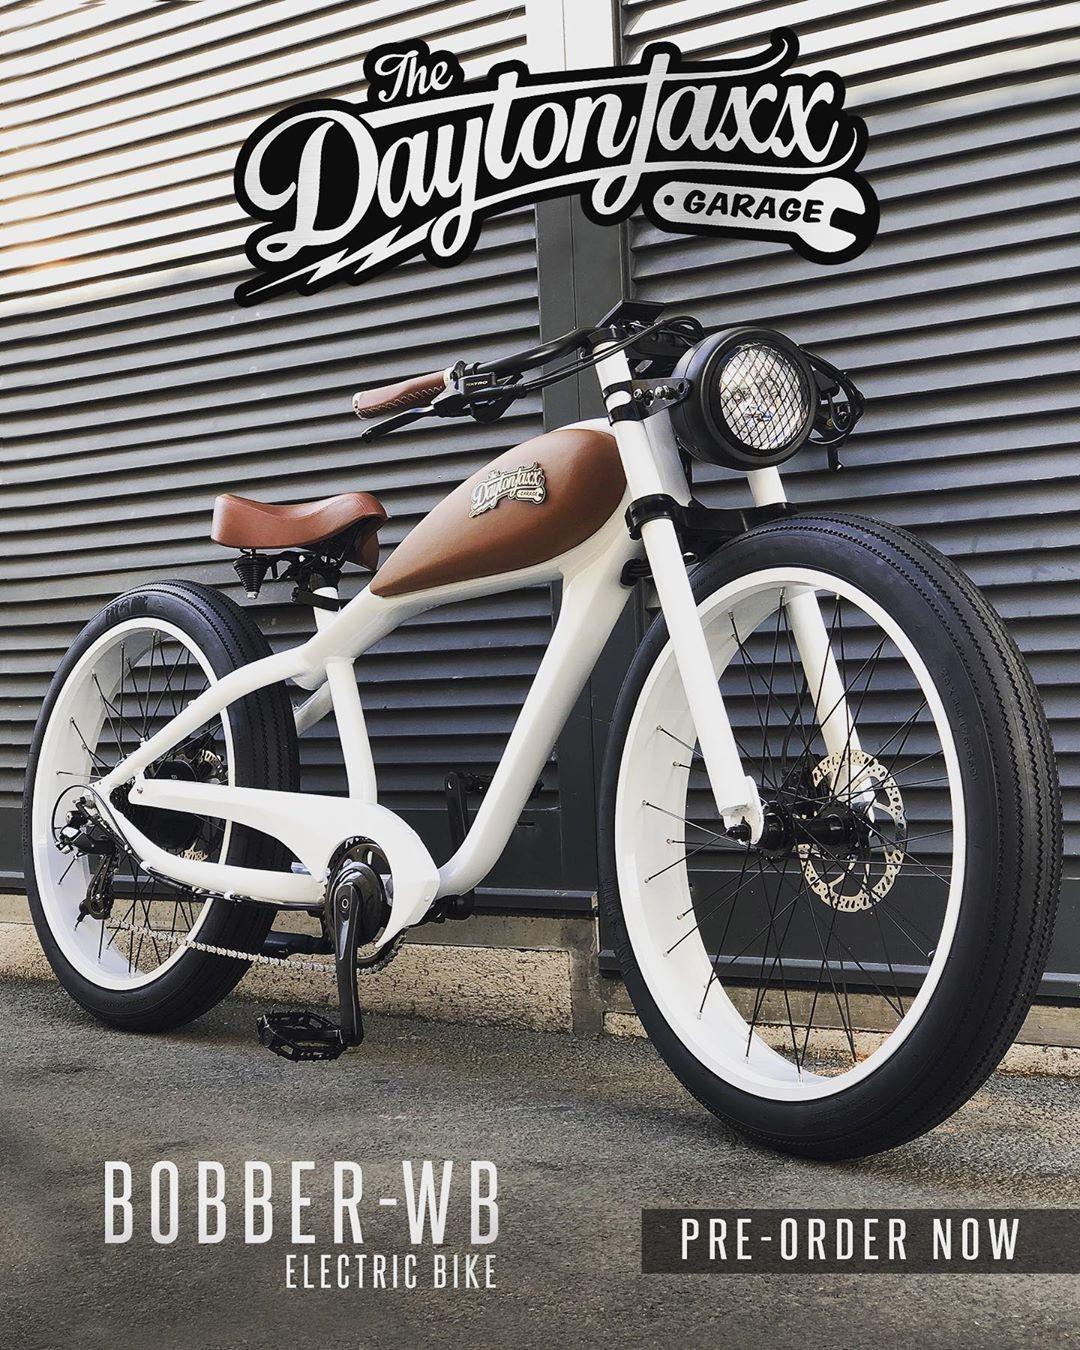 Bobber Wb New Model Electric Bike Pre Ordre Now Www Daytonjaxx